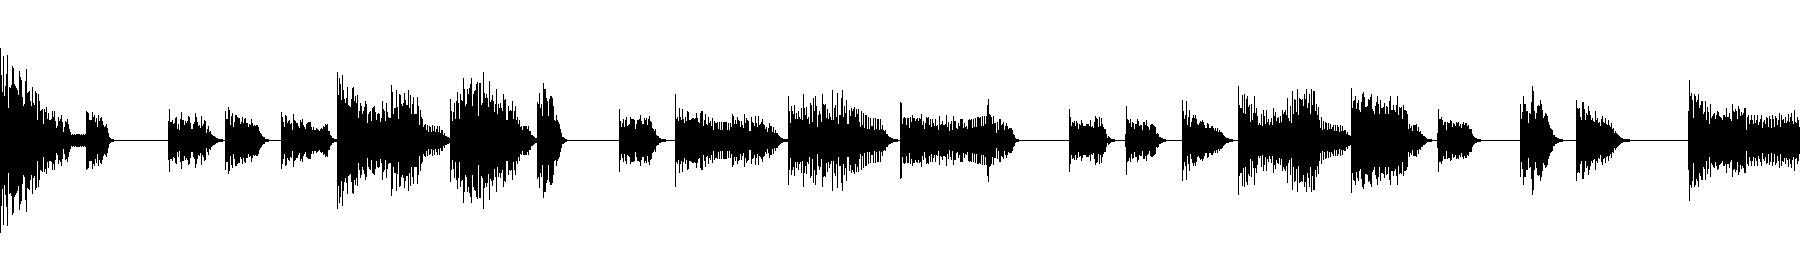 Fhp rhodes 20chords3 125 c